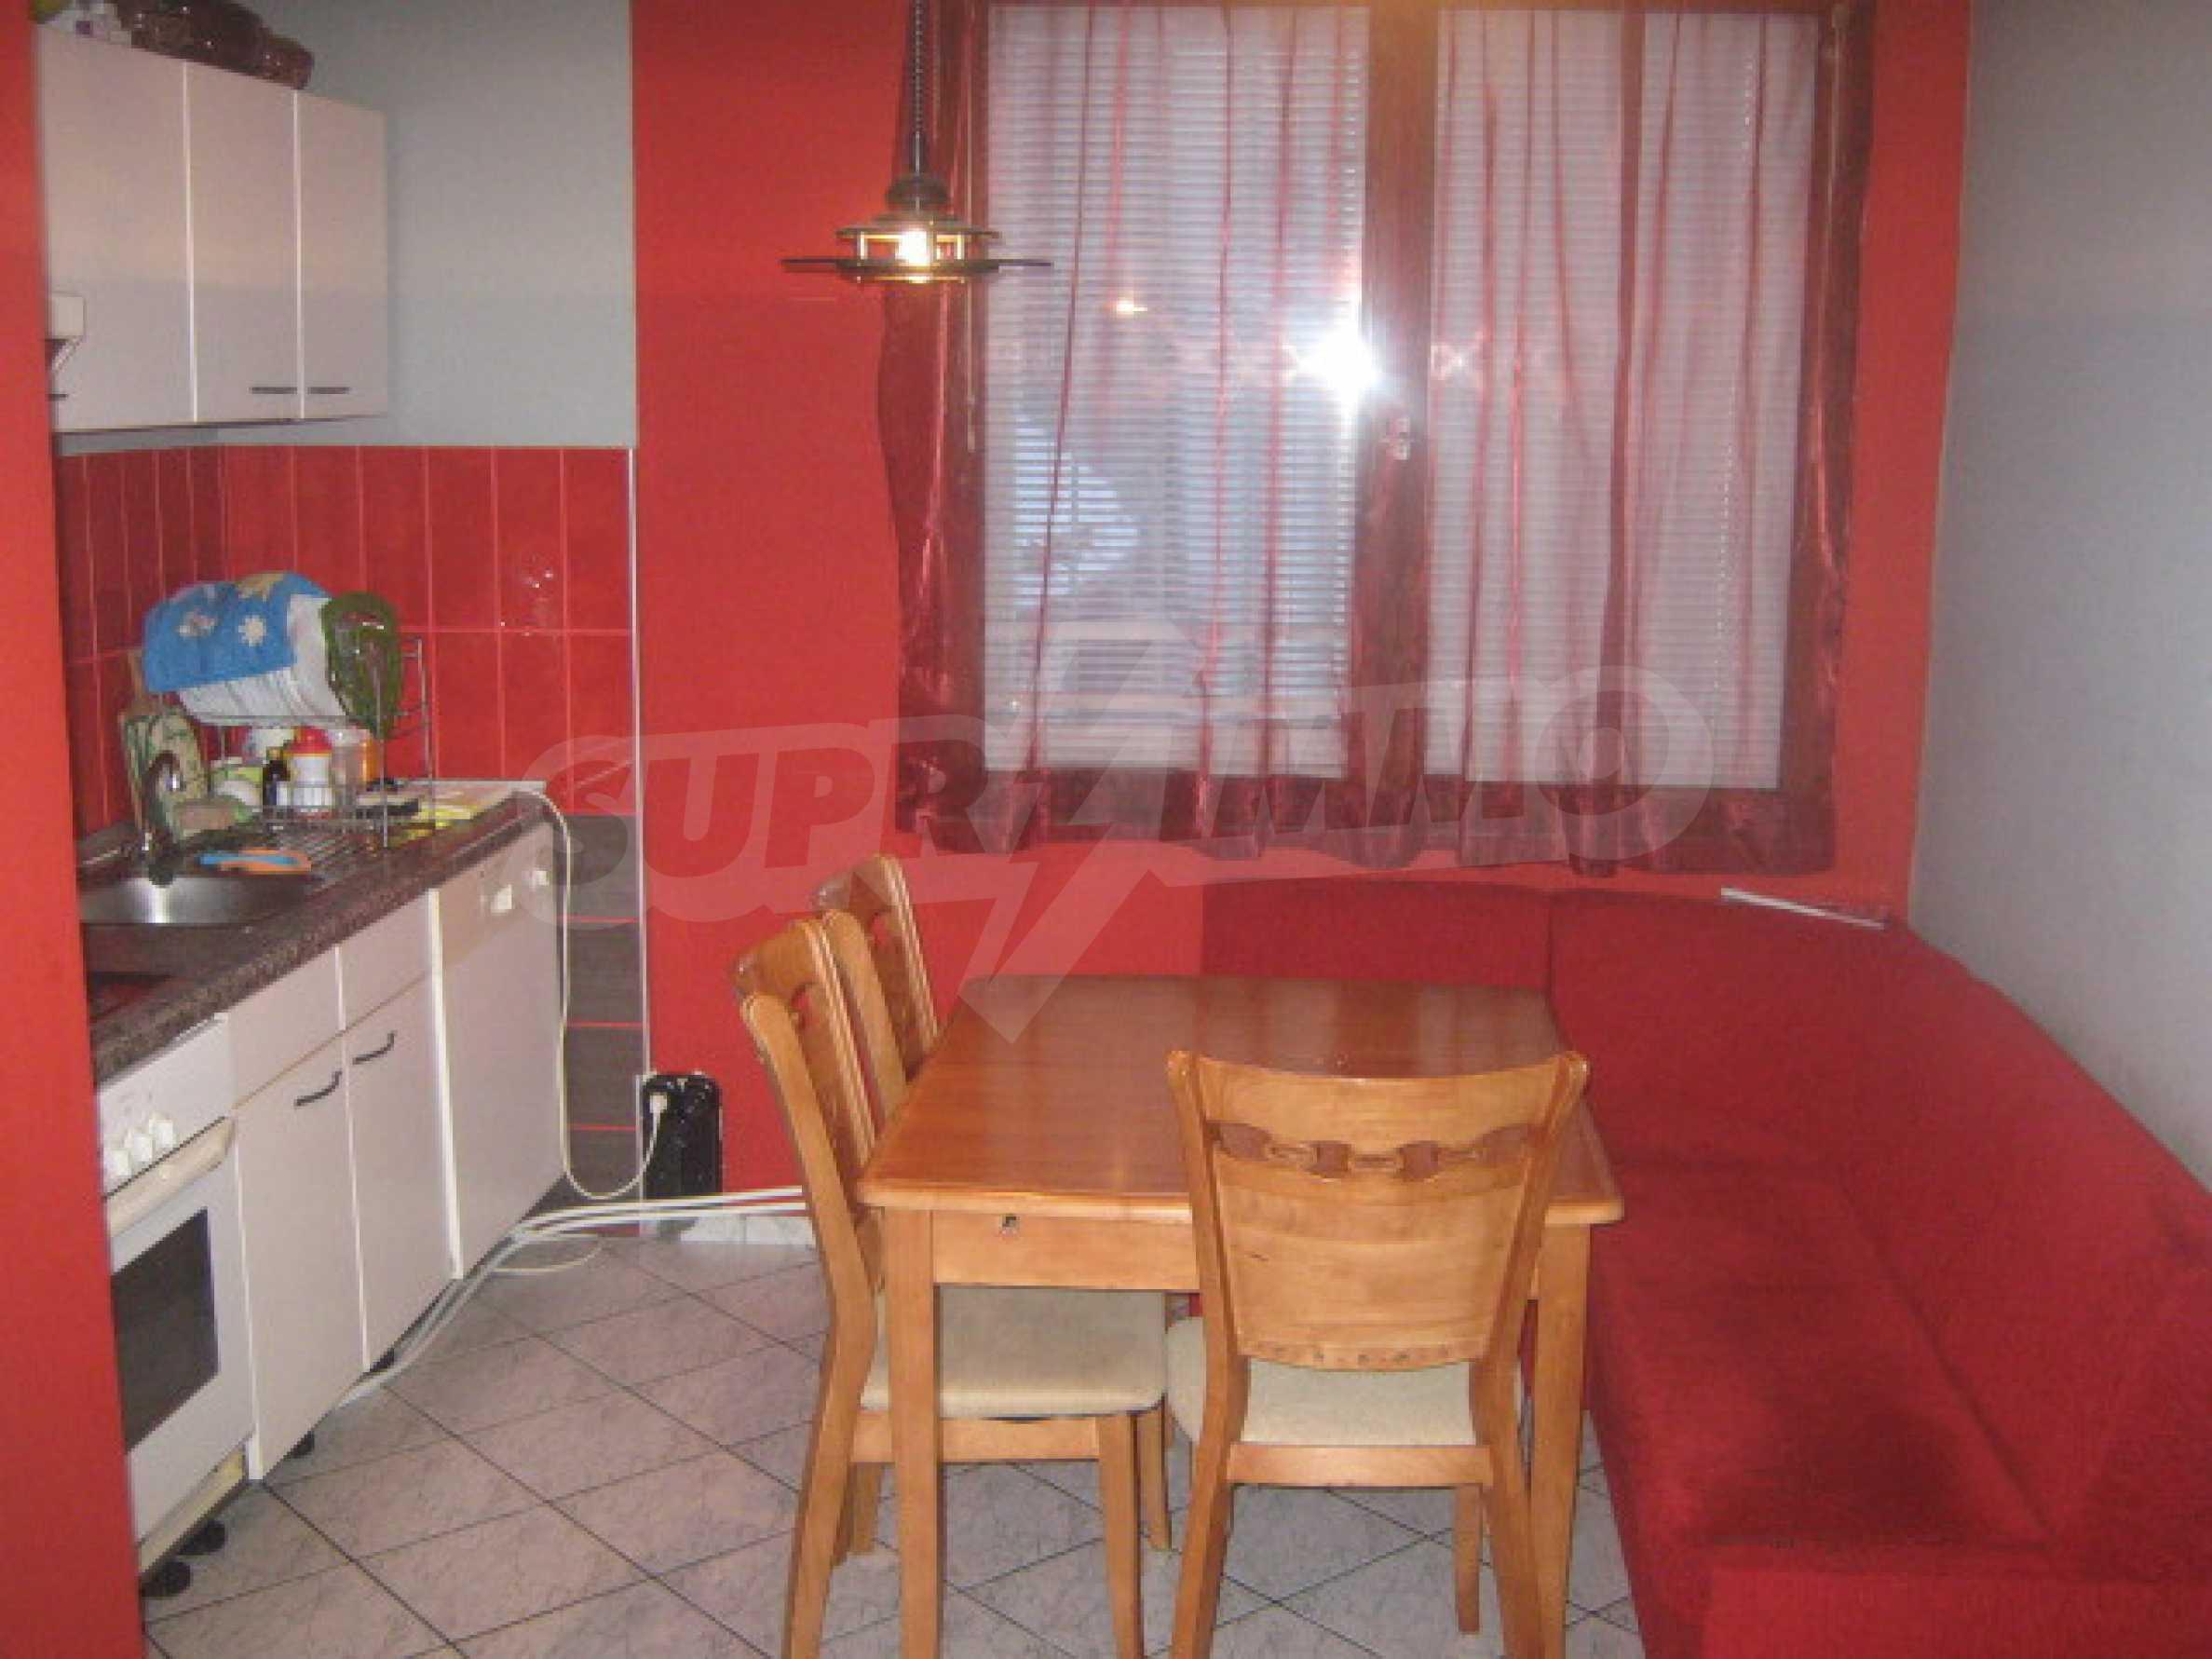 Двустаен апартамент за продажба във гр. Видин 7